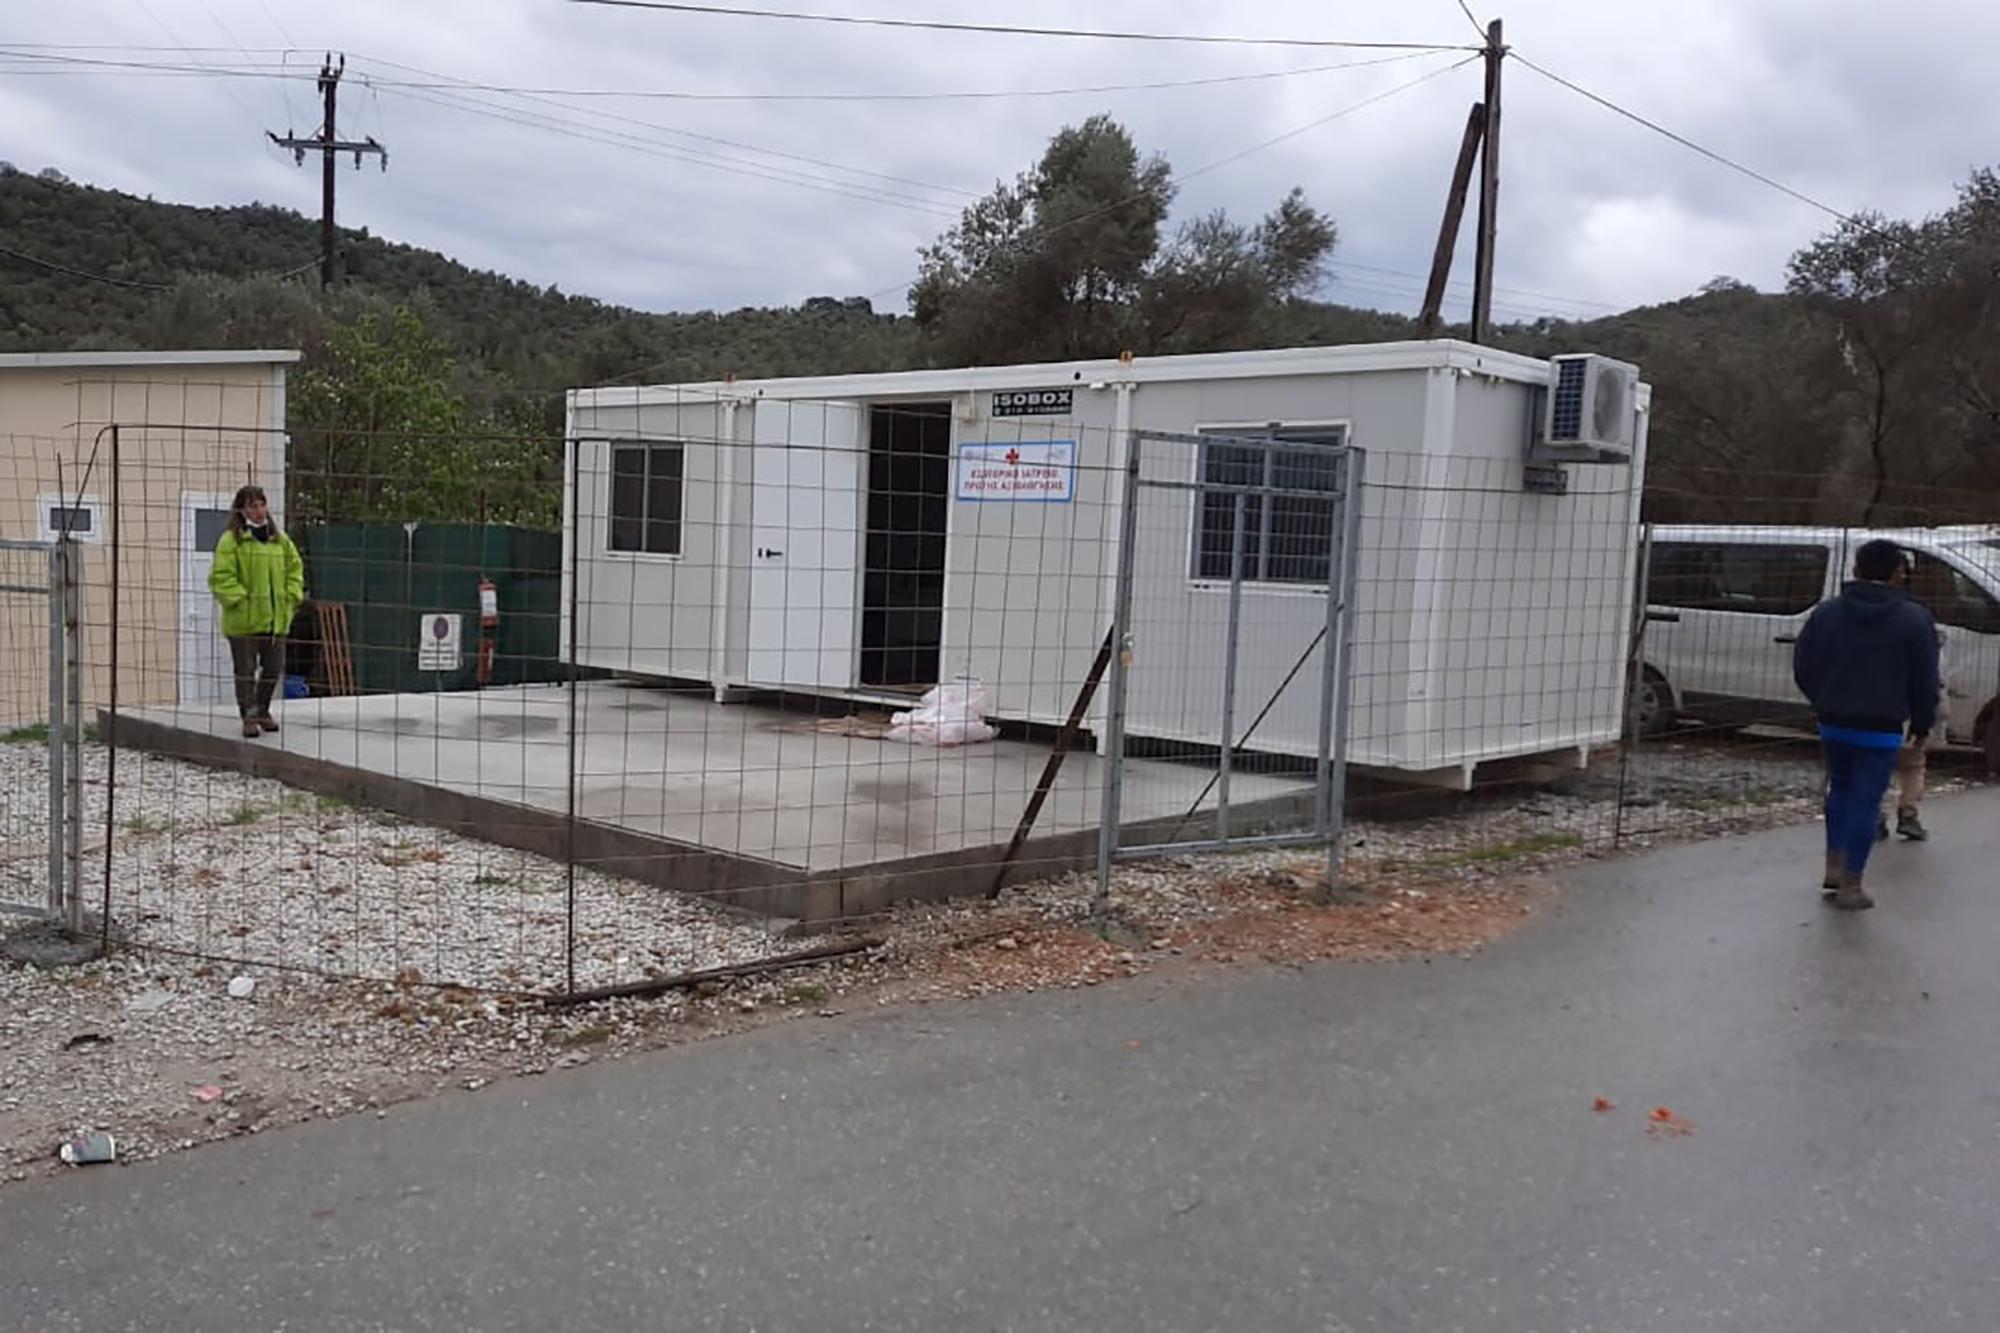 Unidade instalada no campo de Mória, em Lesbos, para dar resposta aos primeiros casos de infeção por COVID-19. FONTE: Deen Mohammad Alizadah